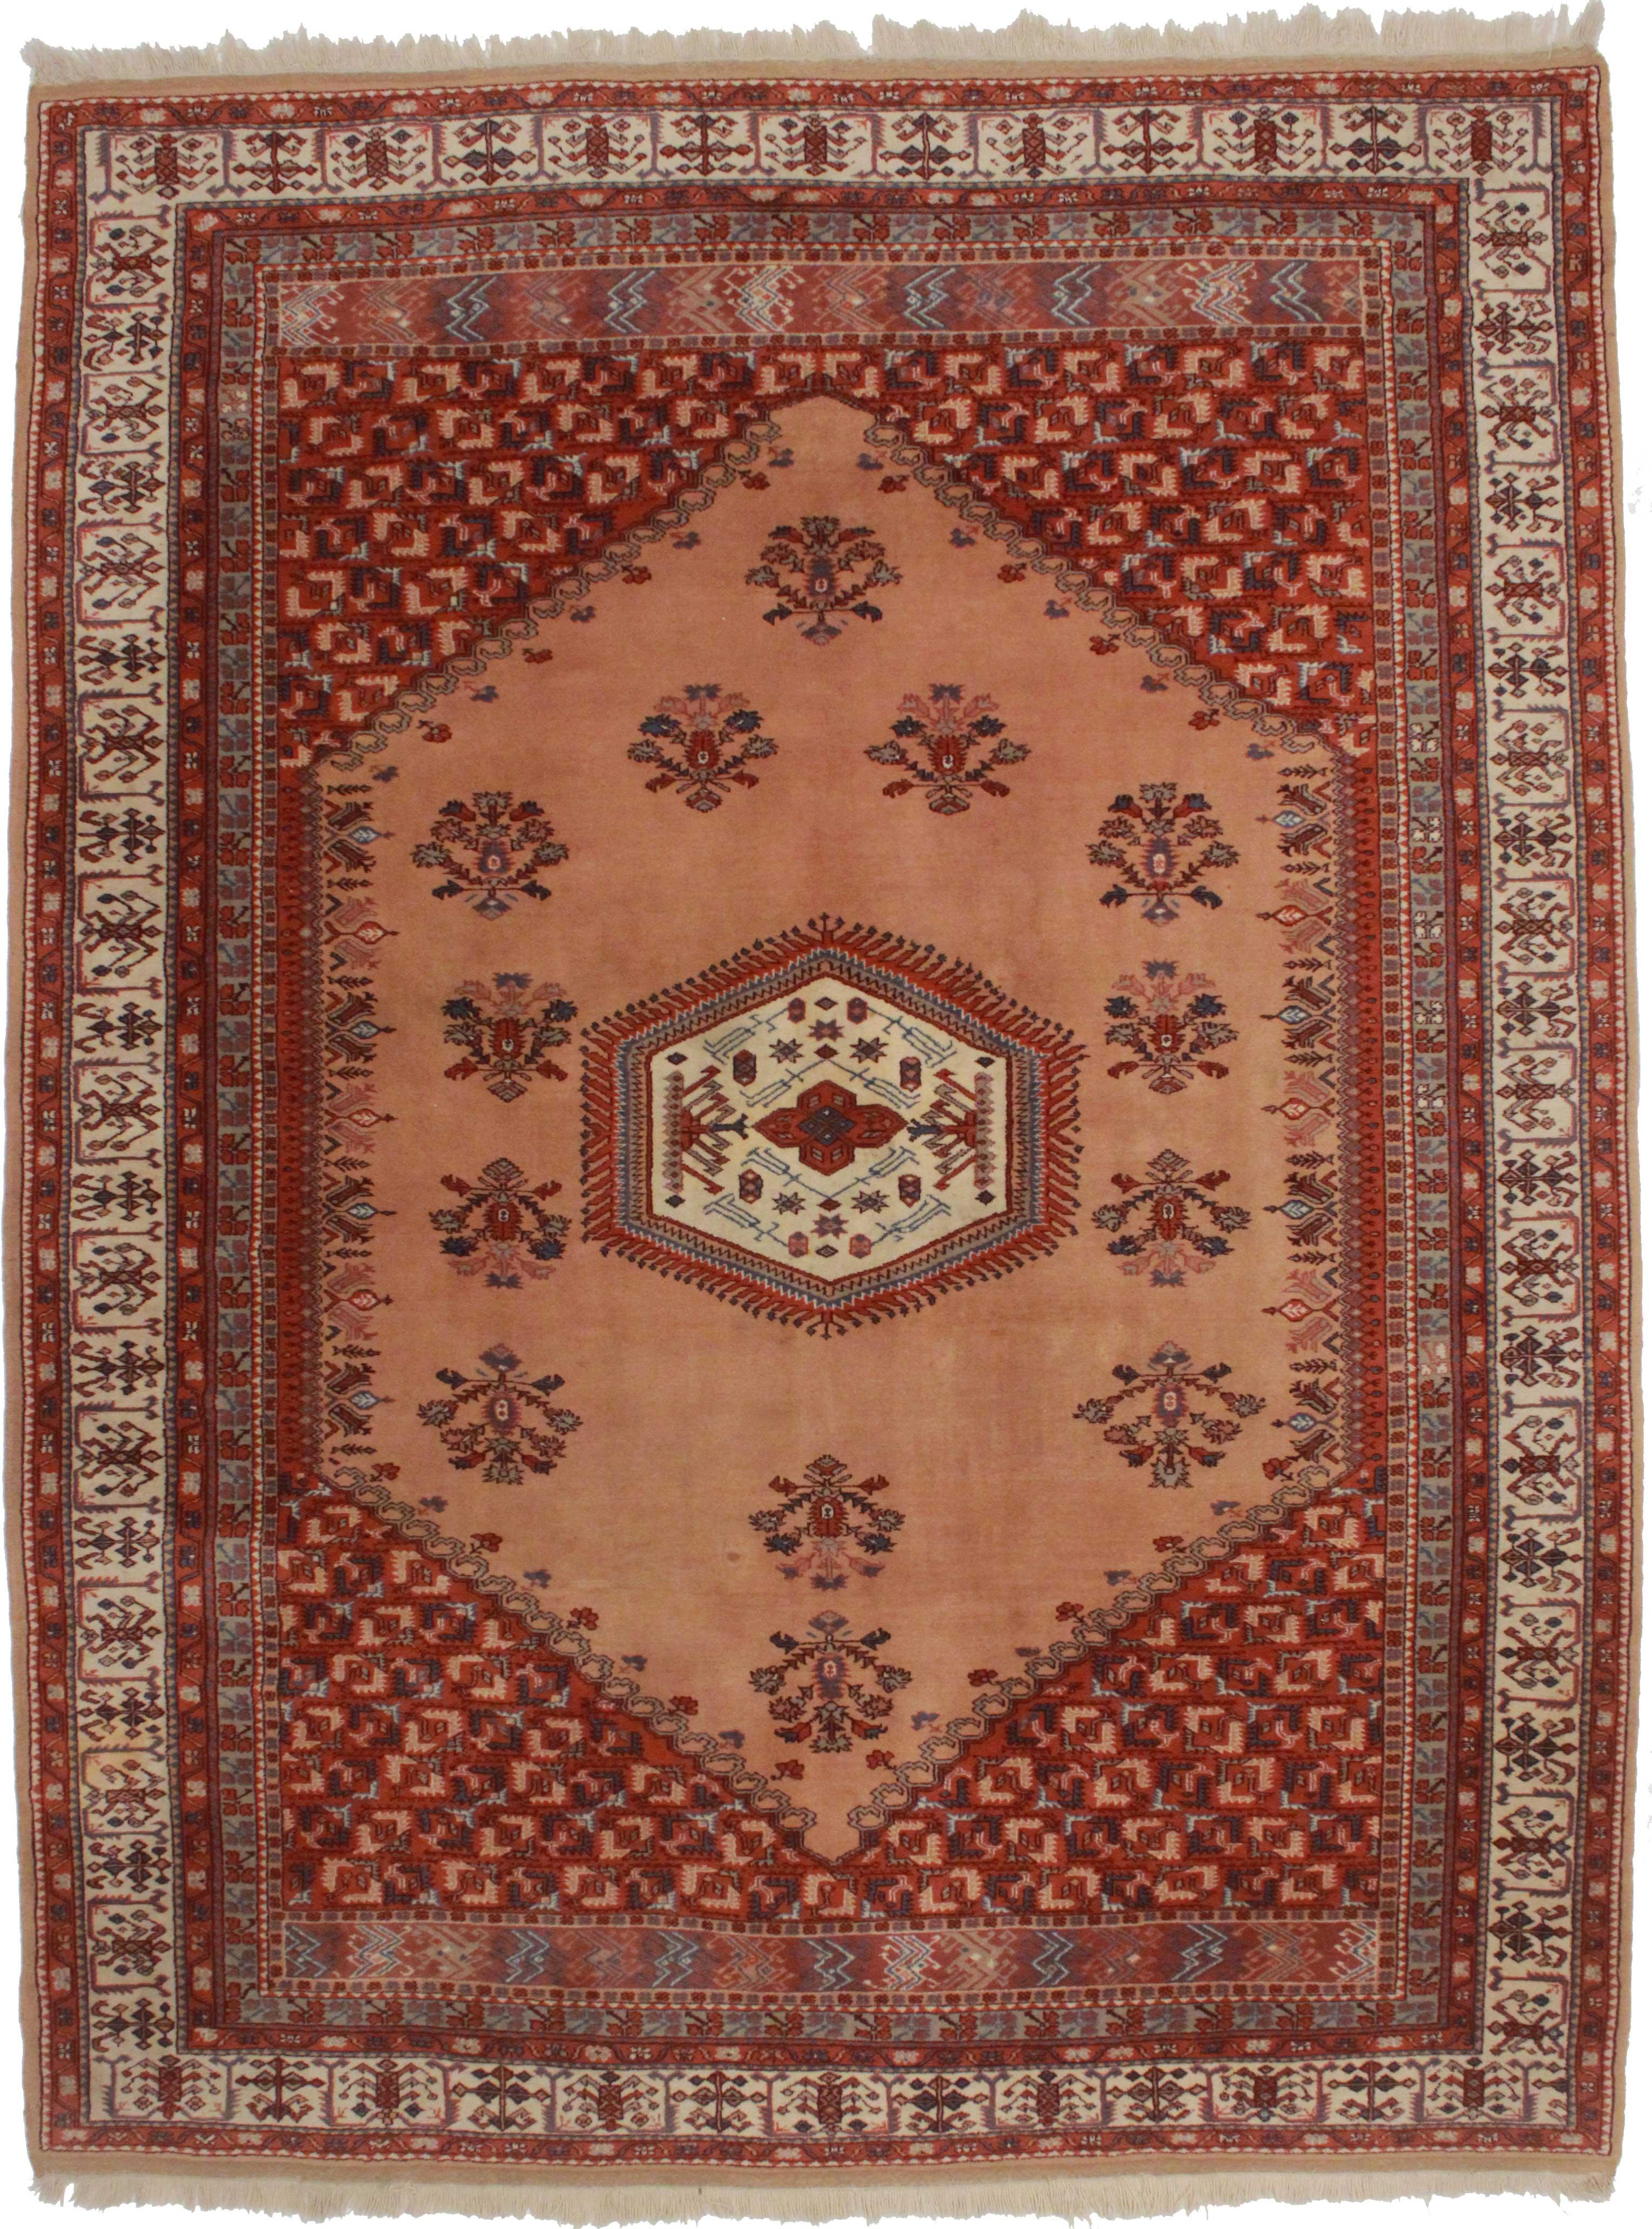 8 X 11 Vintage Turkish Wool Rug 11818 Exclusive Oriental Rugs